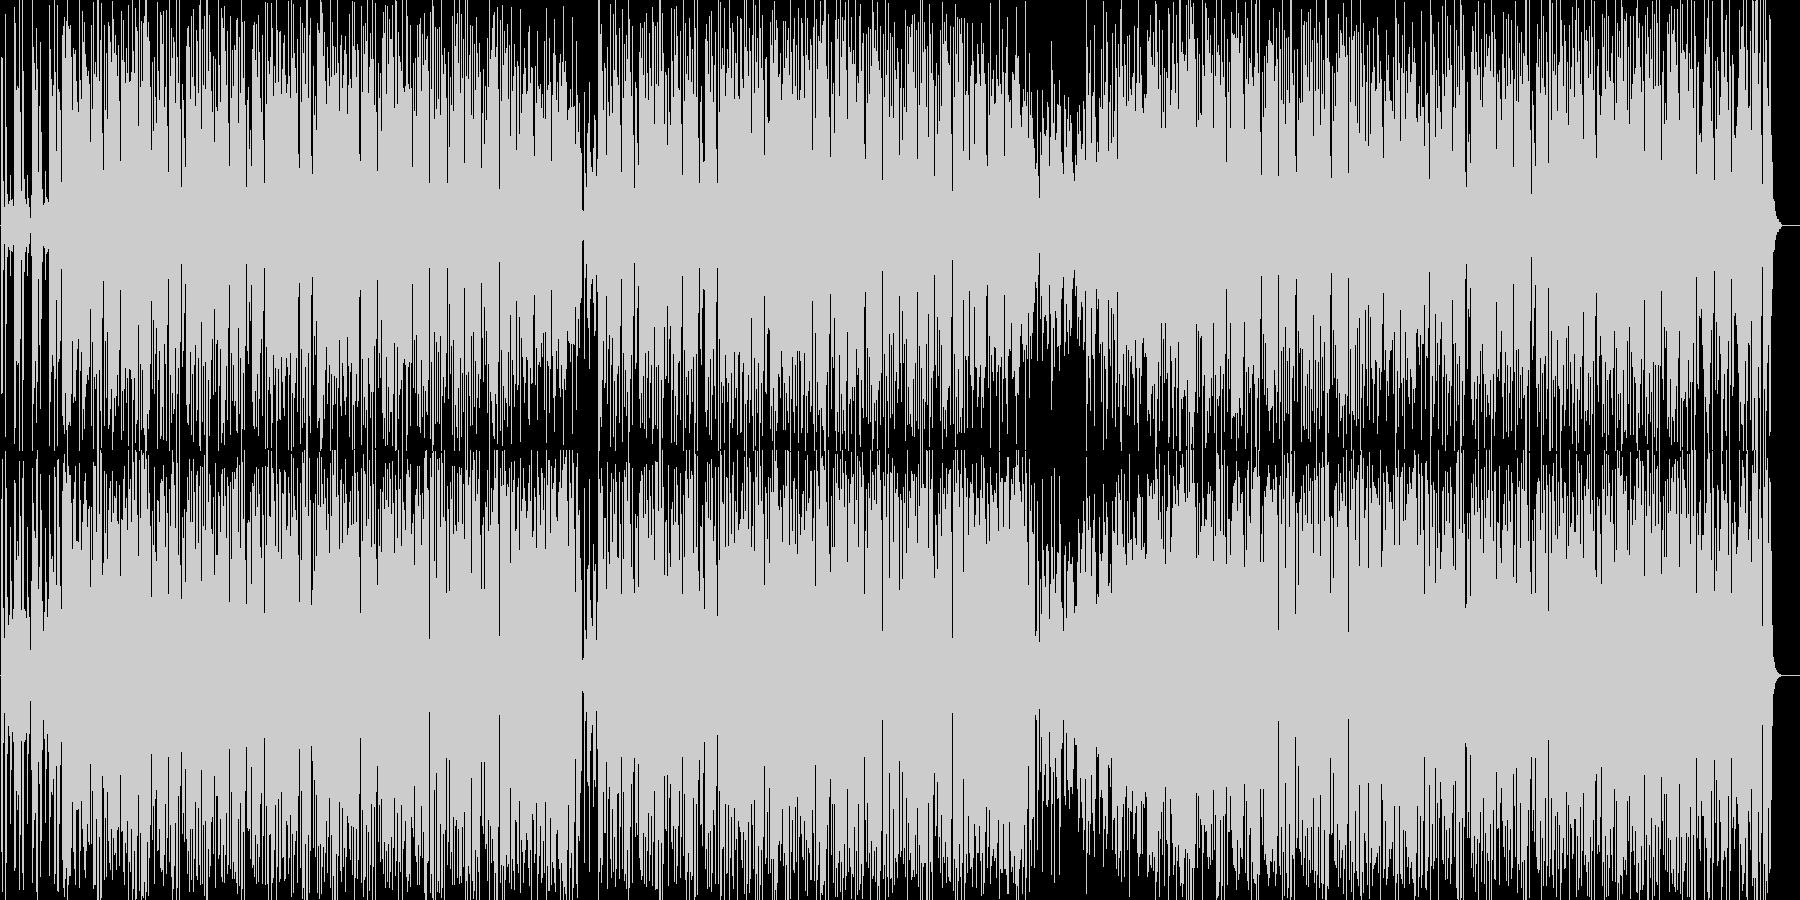 電子音が可愛らしい曲の未再生の波形